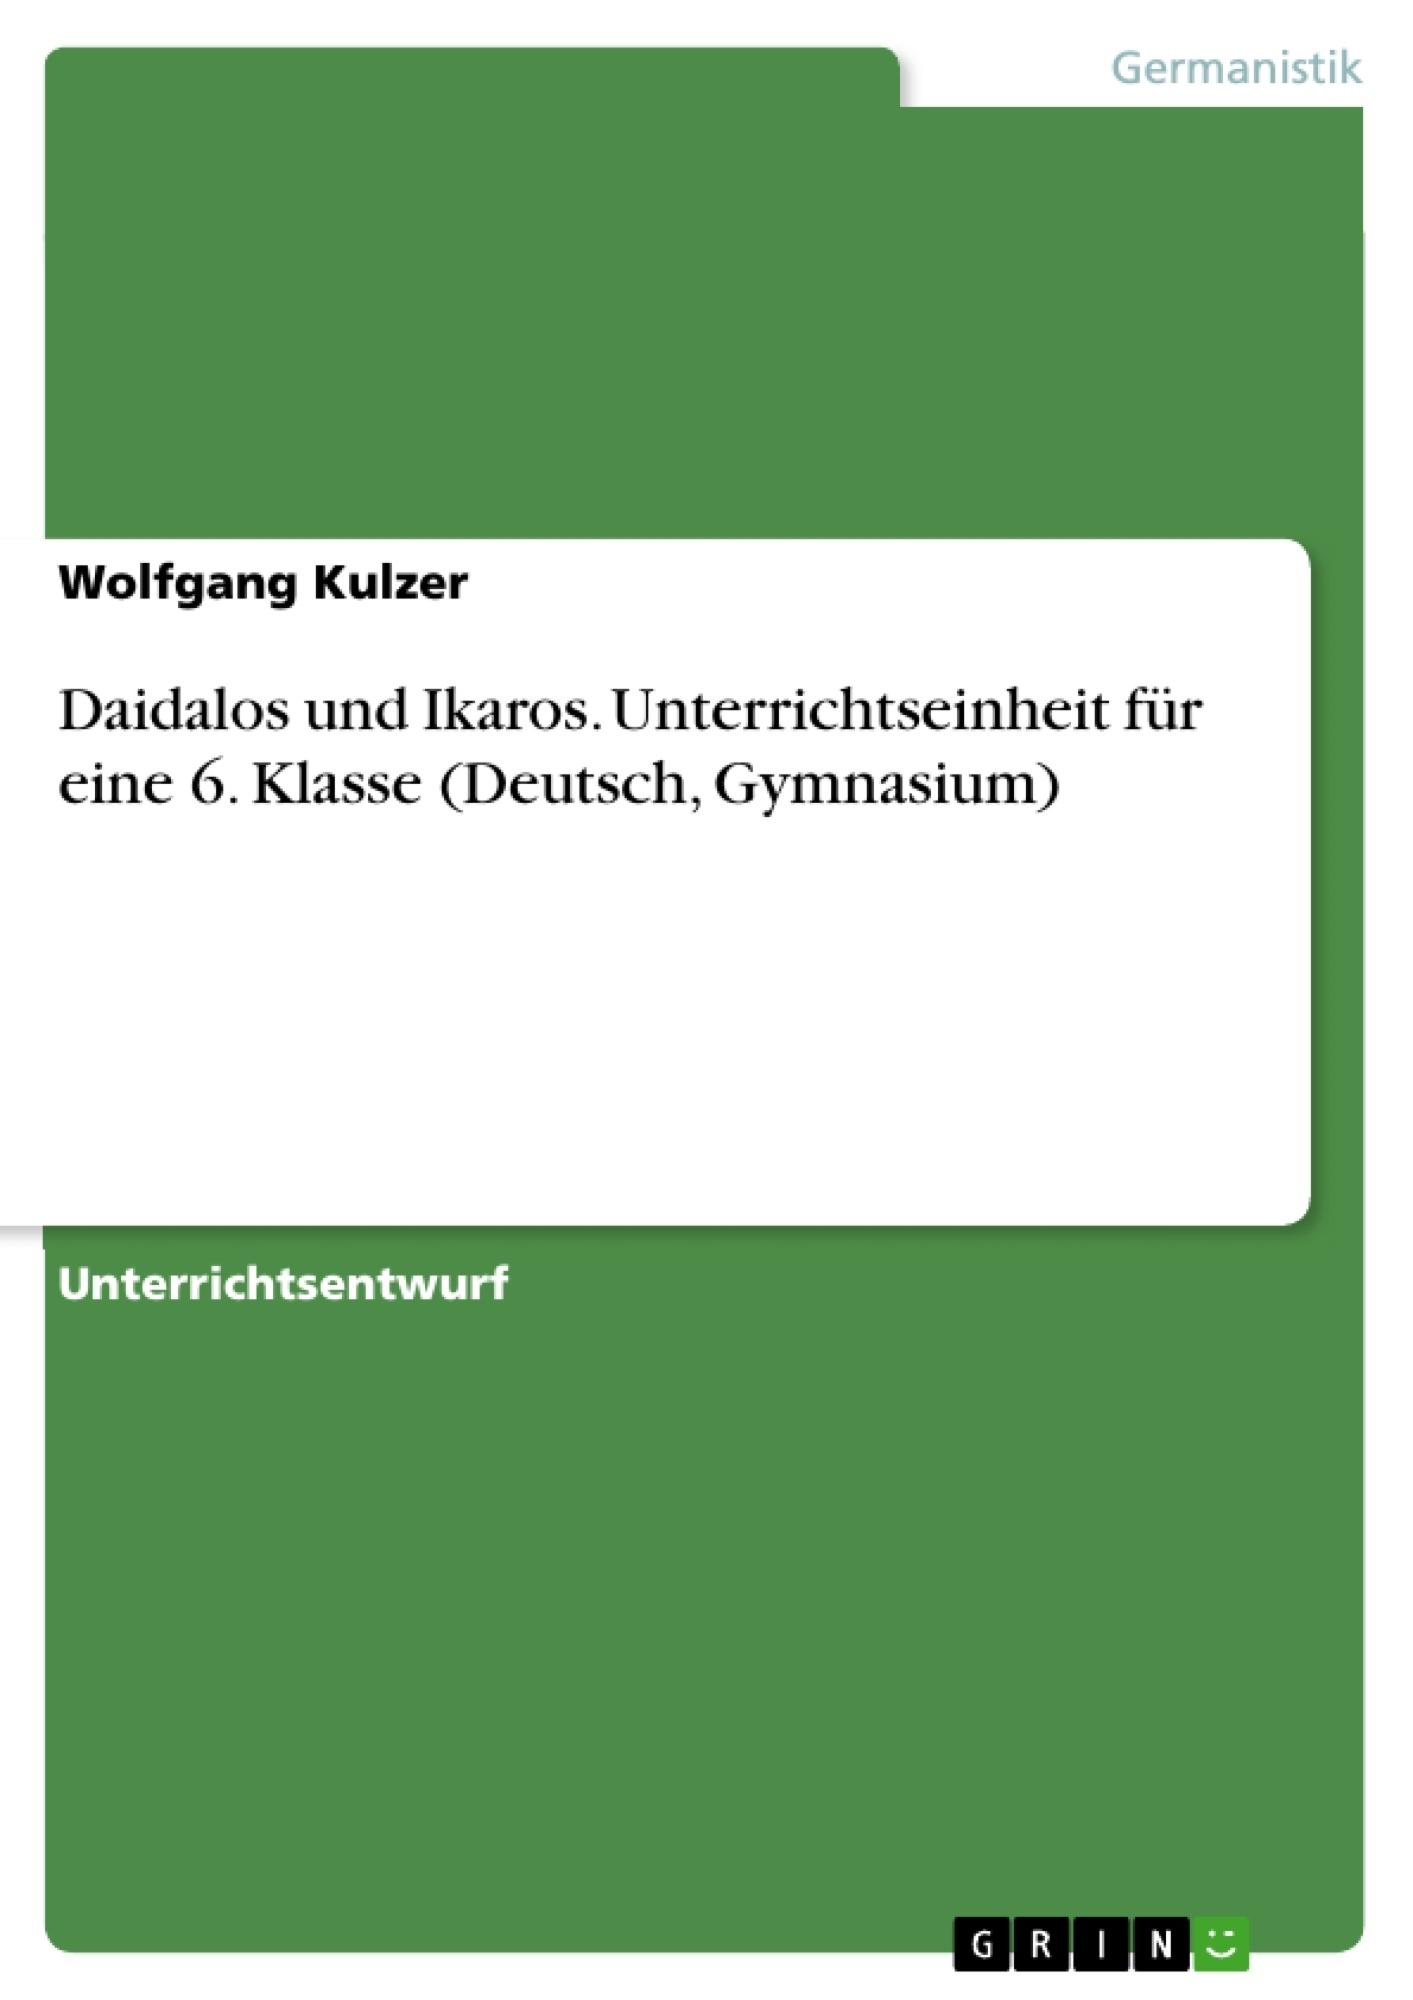 Titel: Daidalos und Ikaros. Unterrichtseinheit für eine 6. Klasse (Deutsch, Gymnasium)